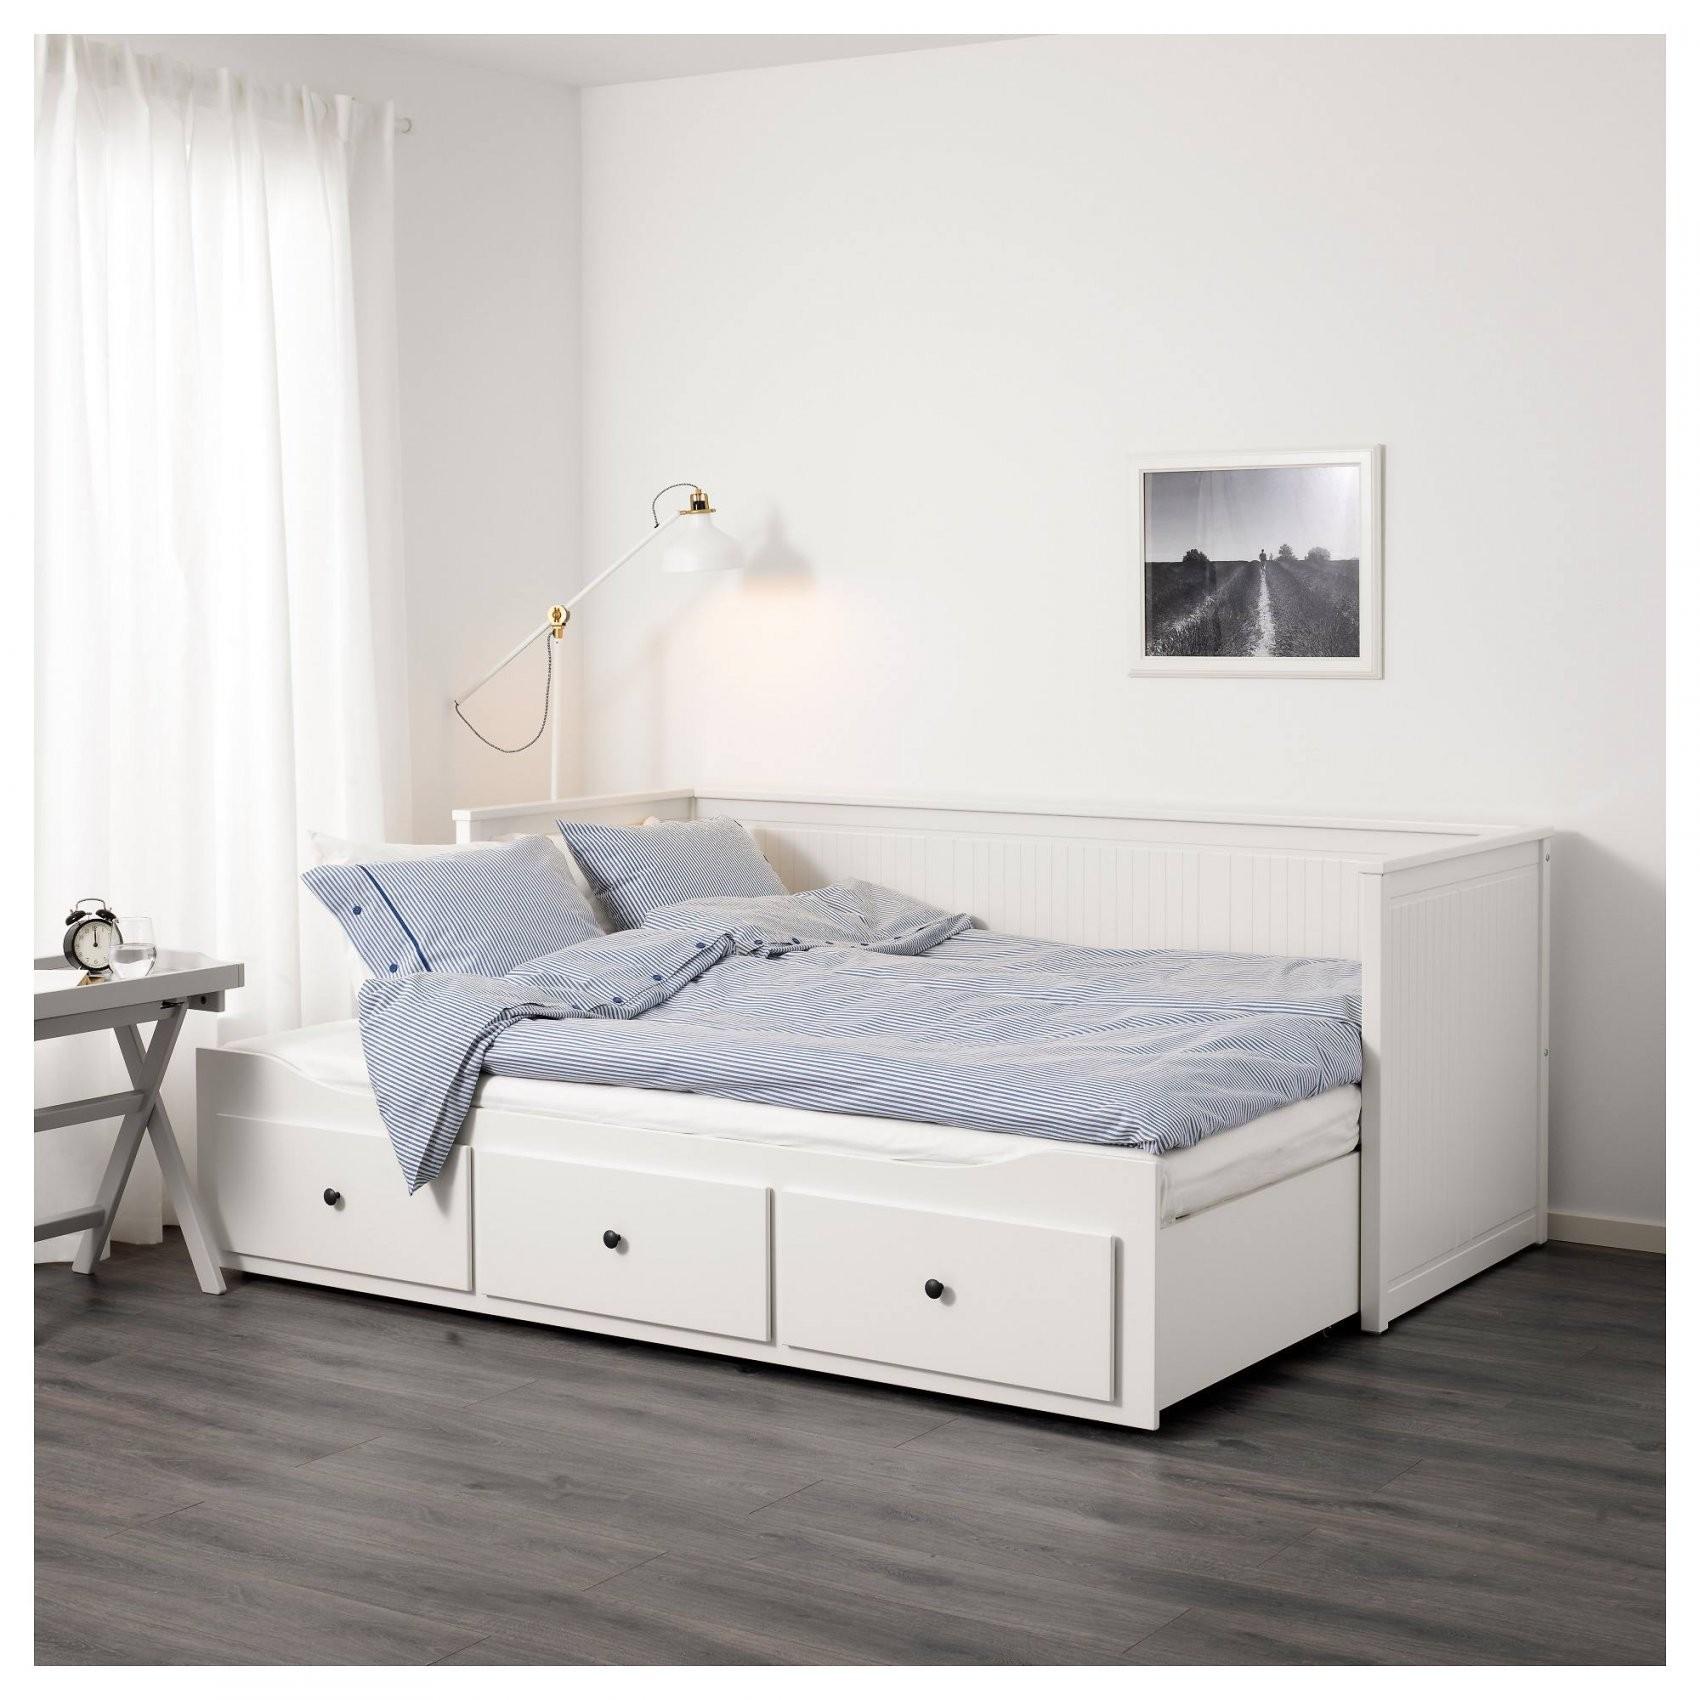 Hemnes Ikea Bett – Weiß – 140×200 Cm – Tagesbett  Webmarkt von Ikea Bett 140X200 Weiß Bild